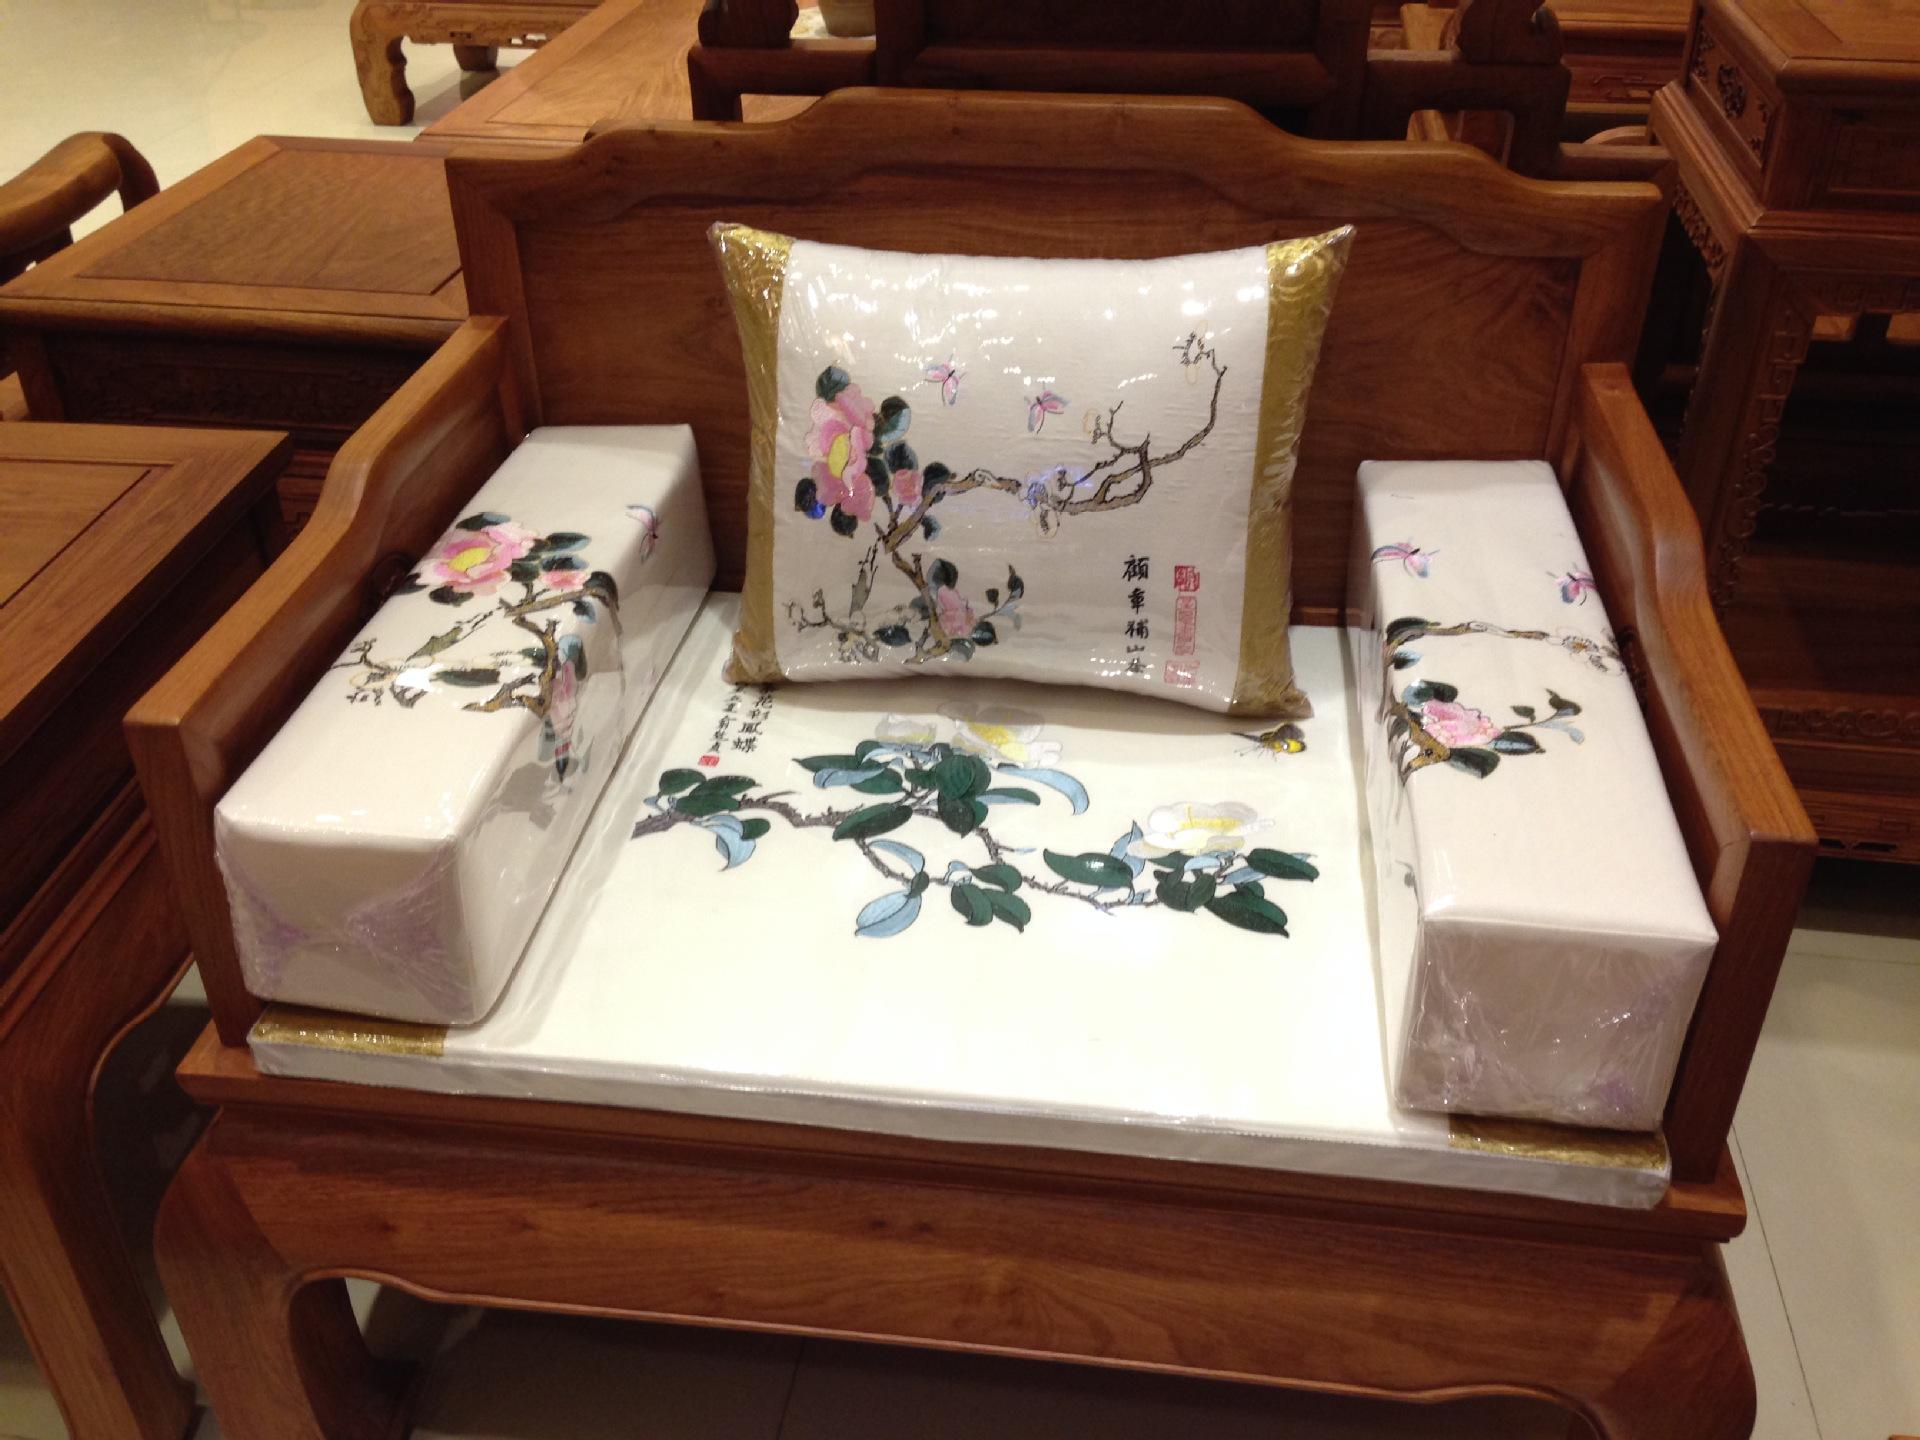 刺绣沙发垫 高档刺绣沙发垫 红木家具沙发垫 抱枕 扶手 阿里巴巴图片